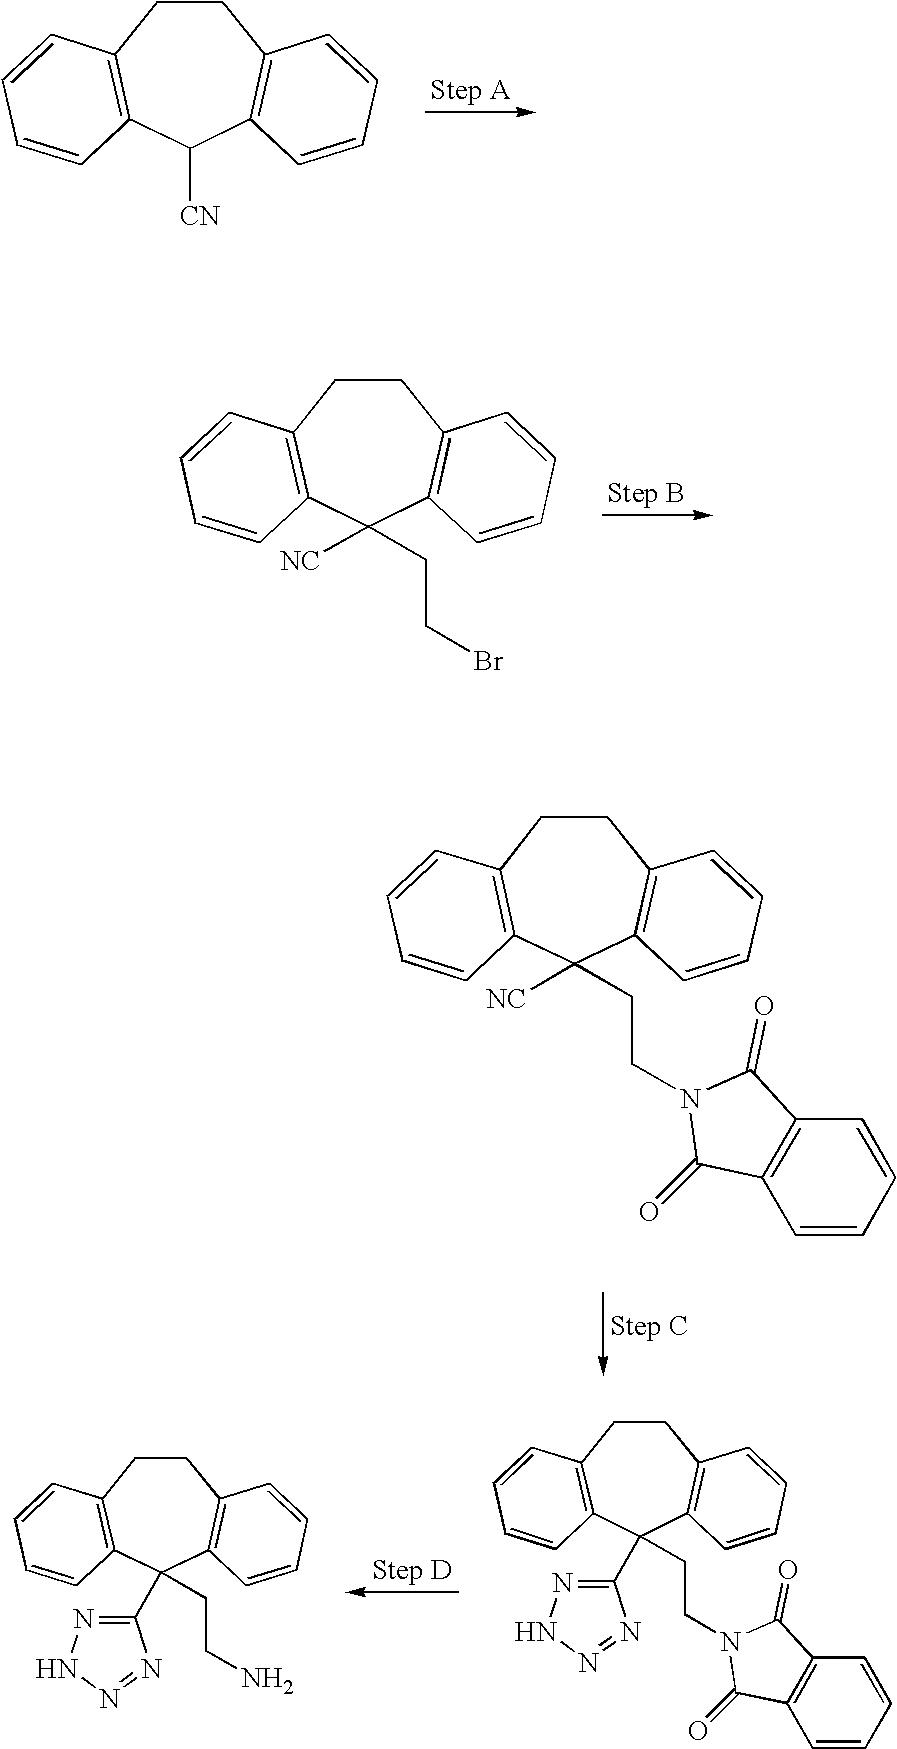 Figure US20100009961A1-20100114-C00122